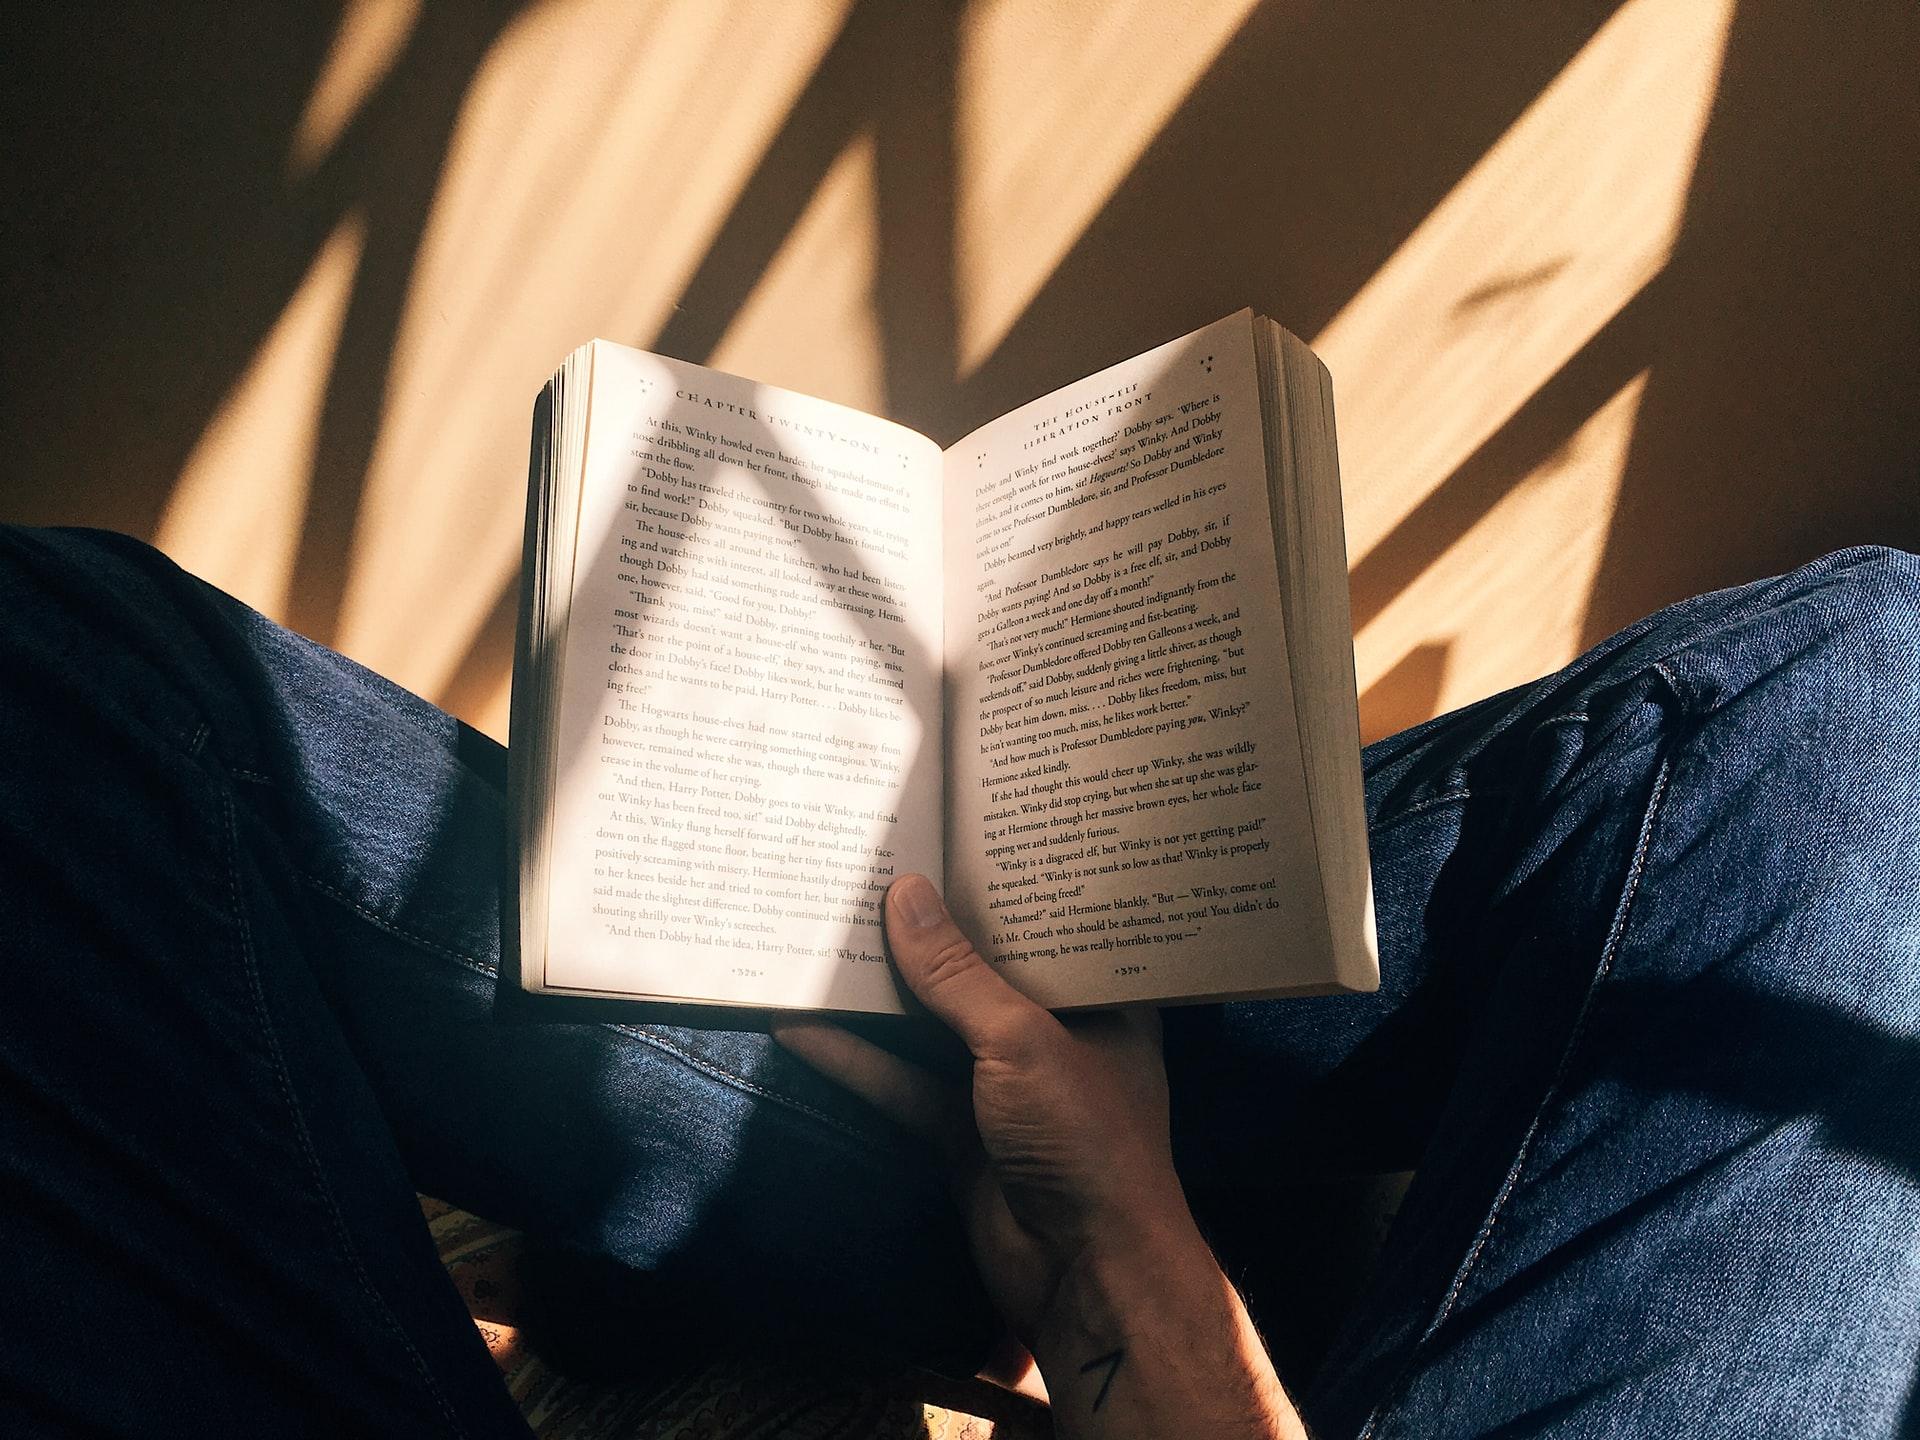 Zdjęcie prezentujące czytanie książki